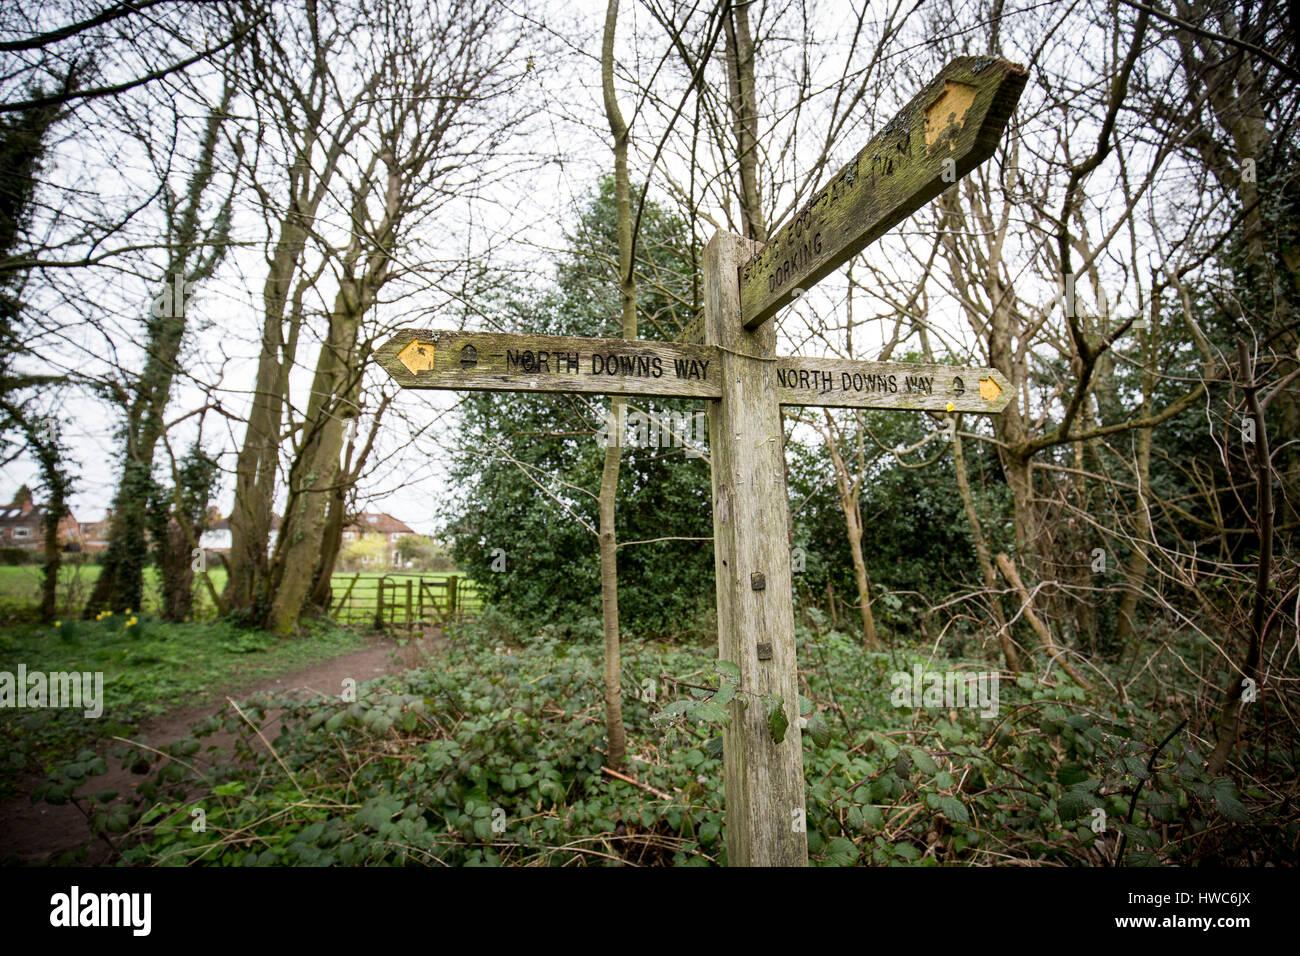 Wanderweg Zeichen auf der North Downs Way in der Nähe von Dorking, Surrey, UK Stockbild